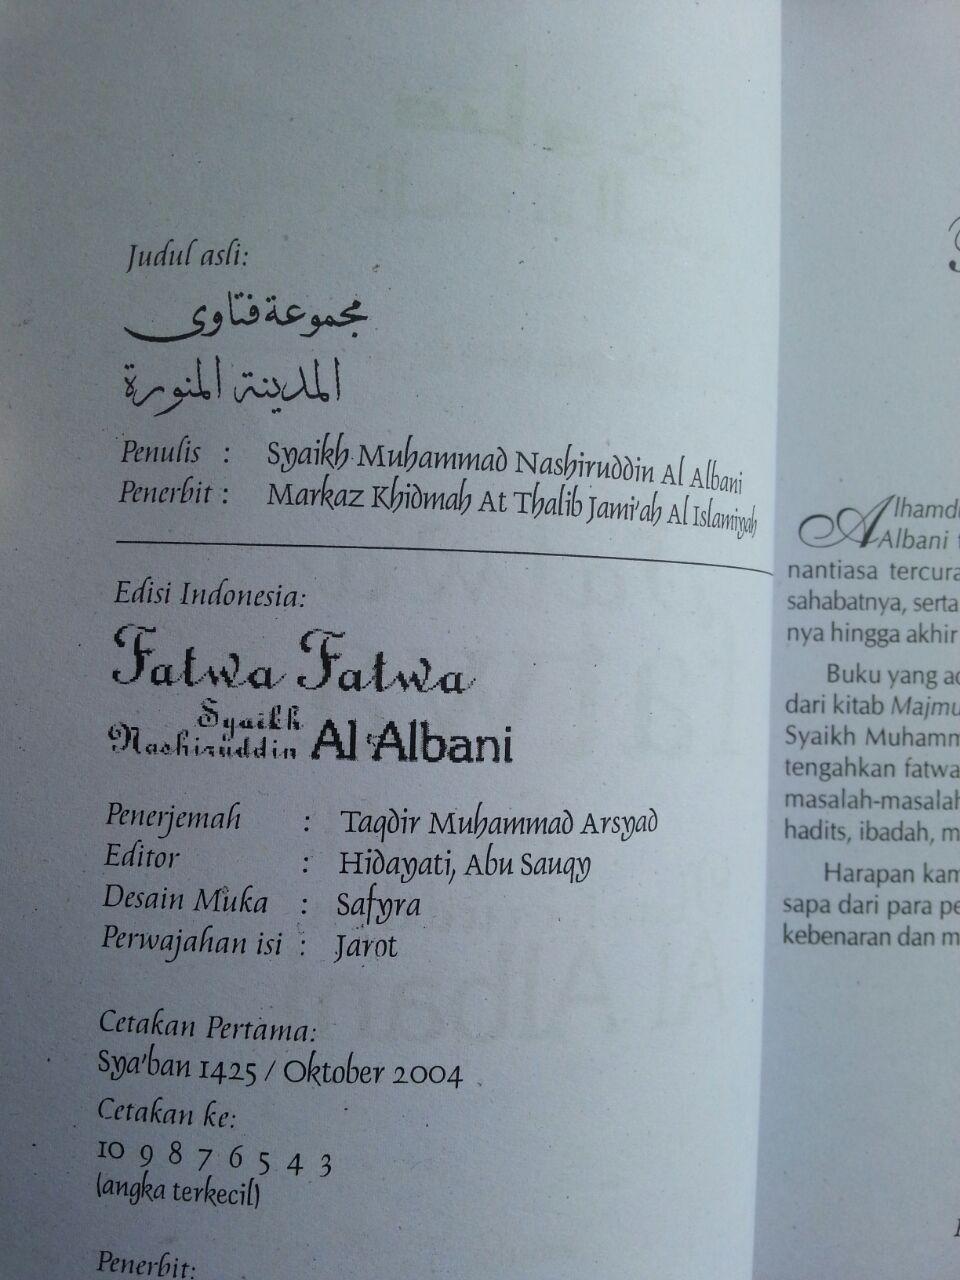 Fatwa-fatwa Syaikh Muhammad Nashiruddin al-Albani isi